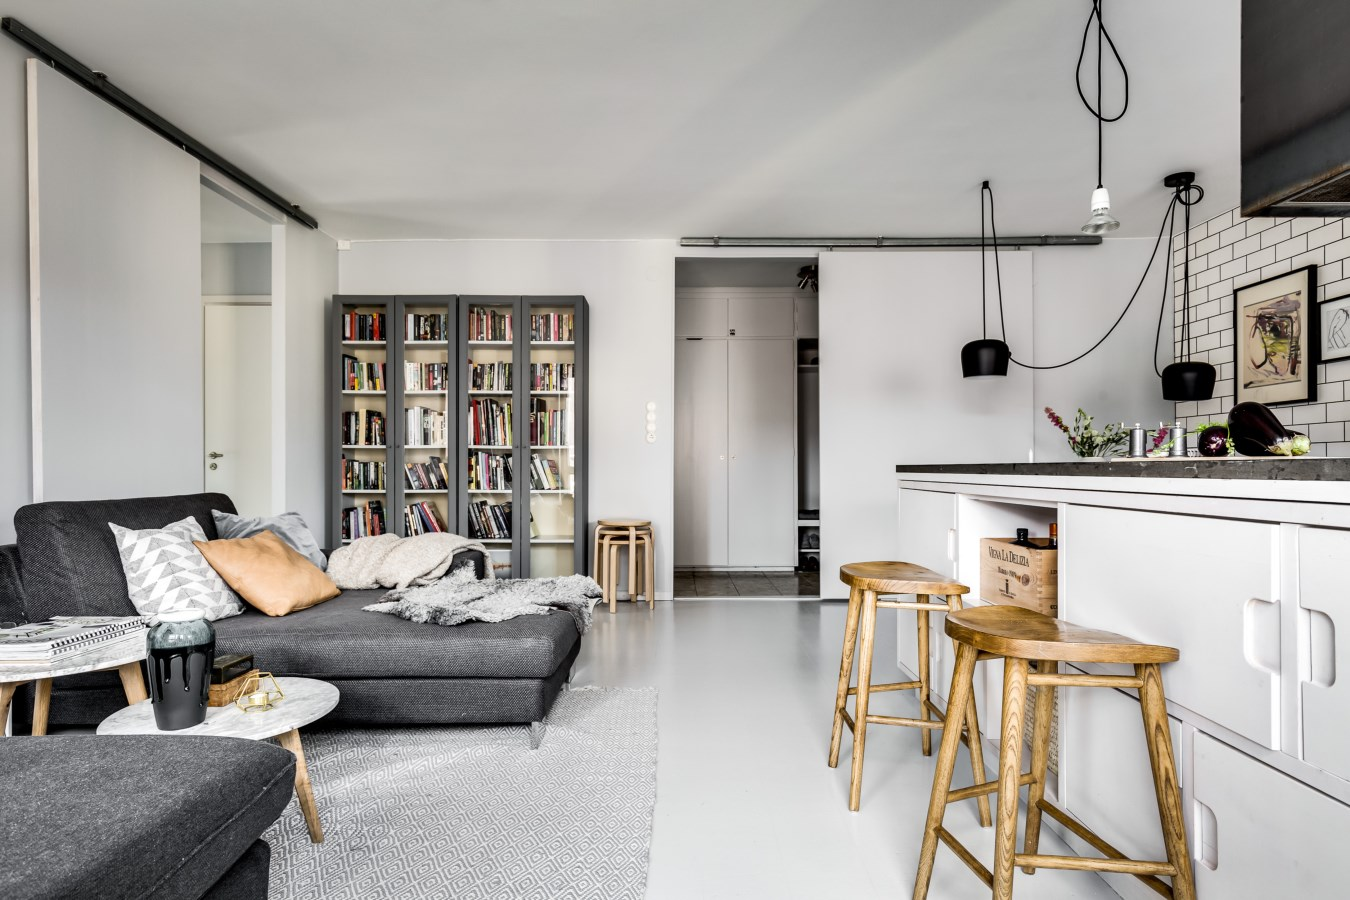 кухня гостиная диван книжный шкаф